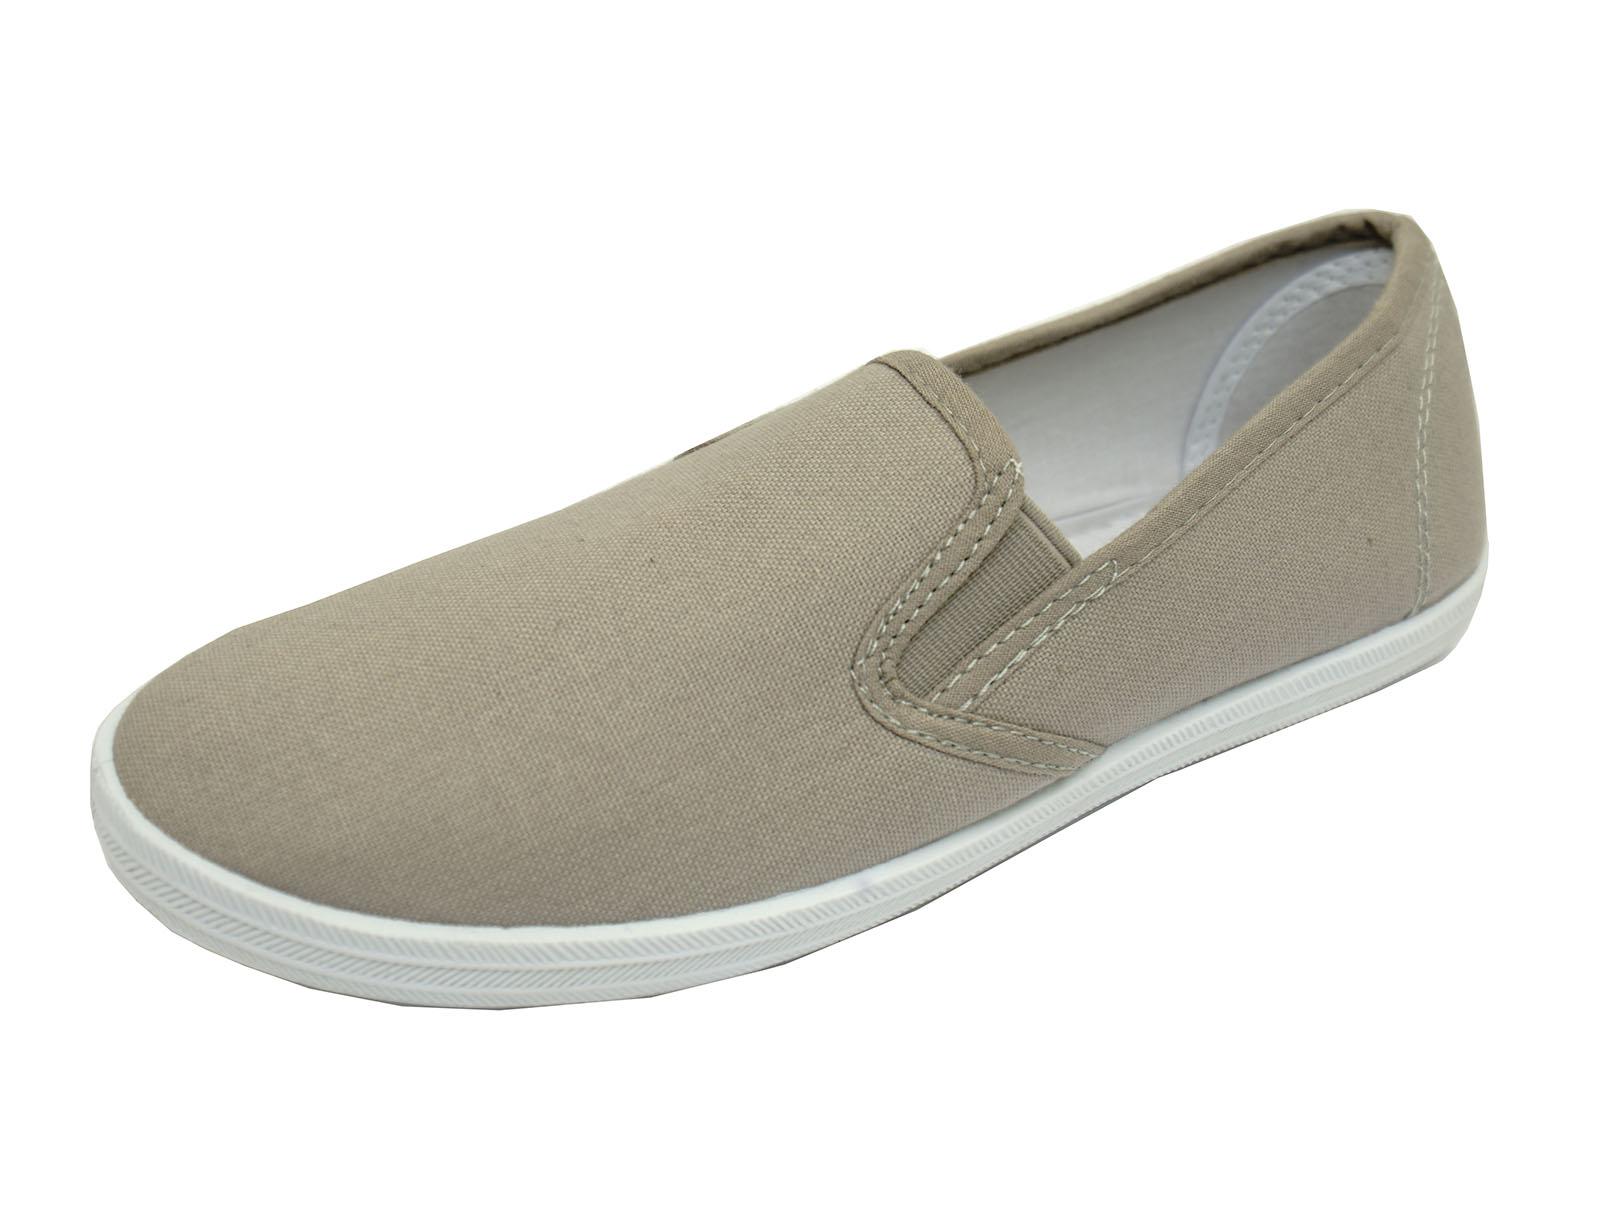 Mujeres Gris Plano Sin Cordones Lona Playera Bombas Zapatos de entrenamiento cómoda informal 3-8